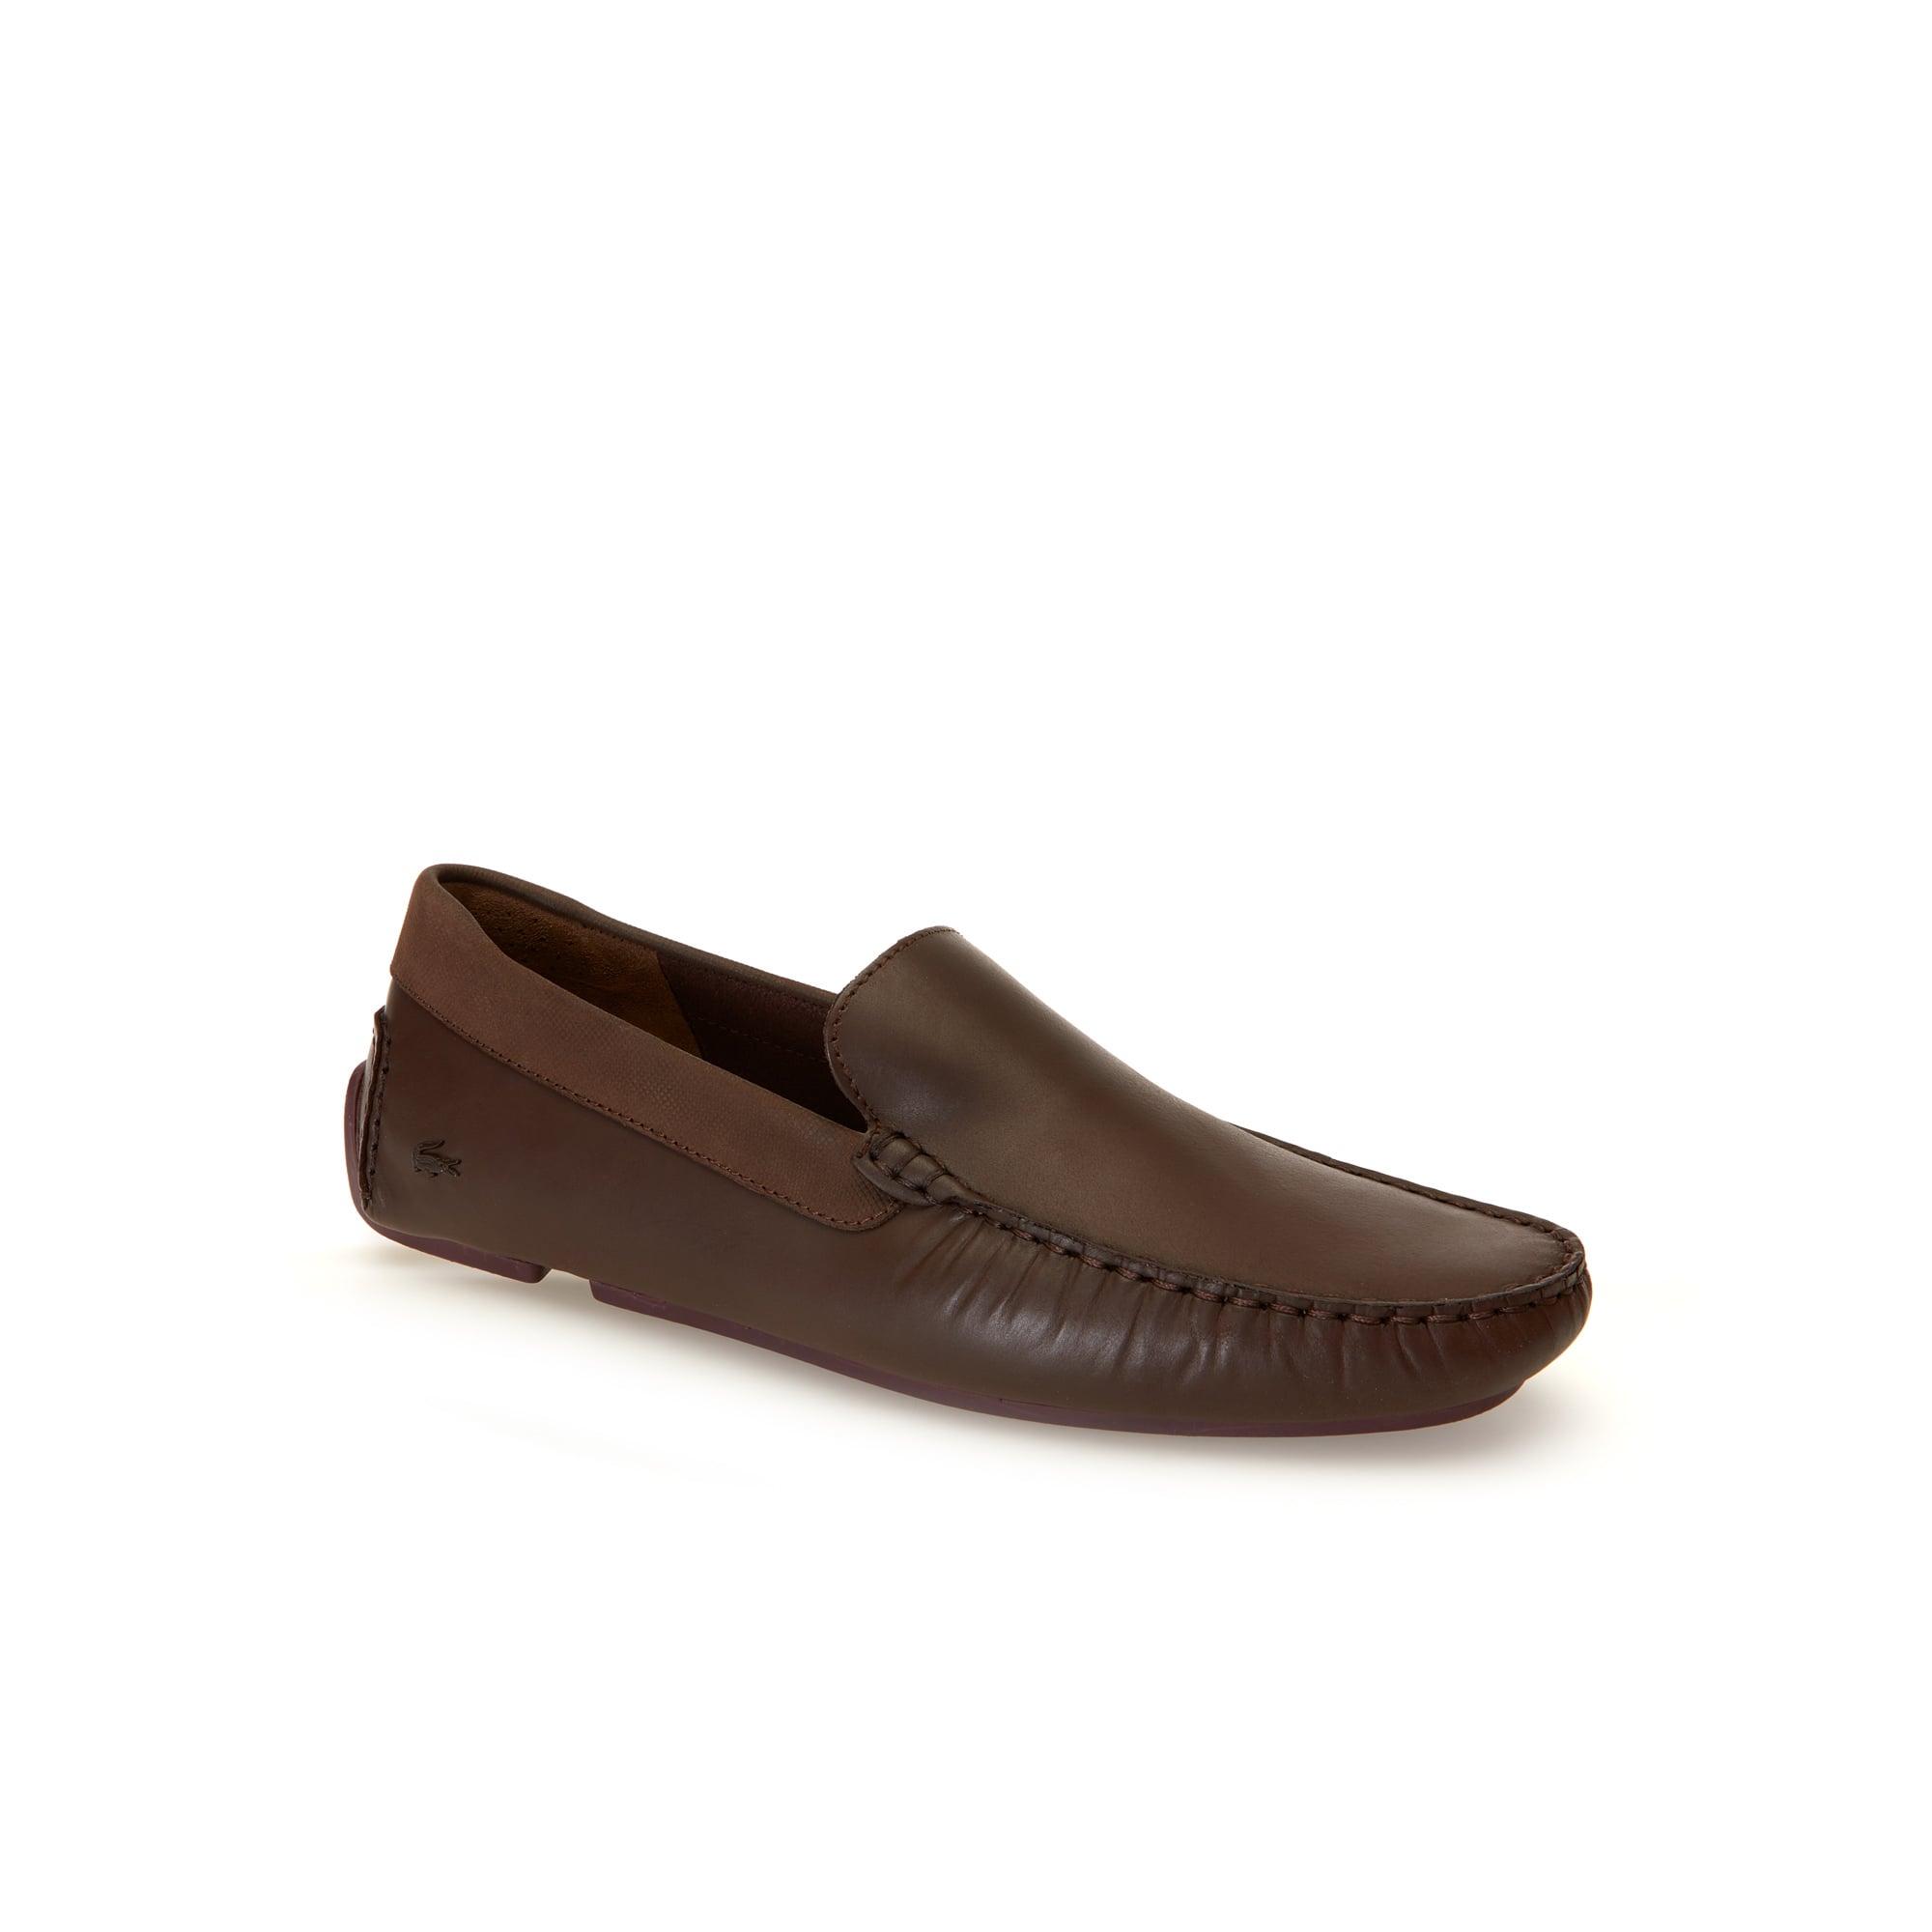 chaussures de ville chaussures homme lacoste. Black Bedroom Furniture Sets. Home Design Ideas